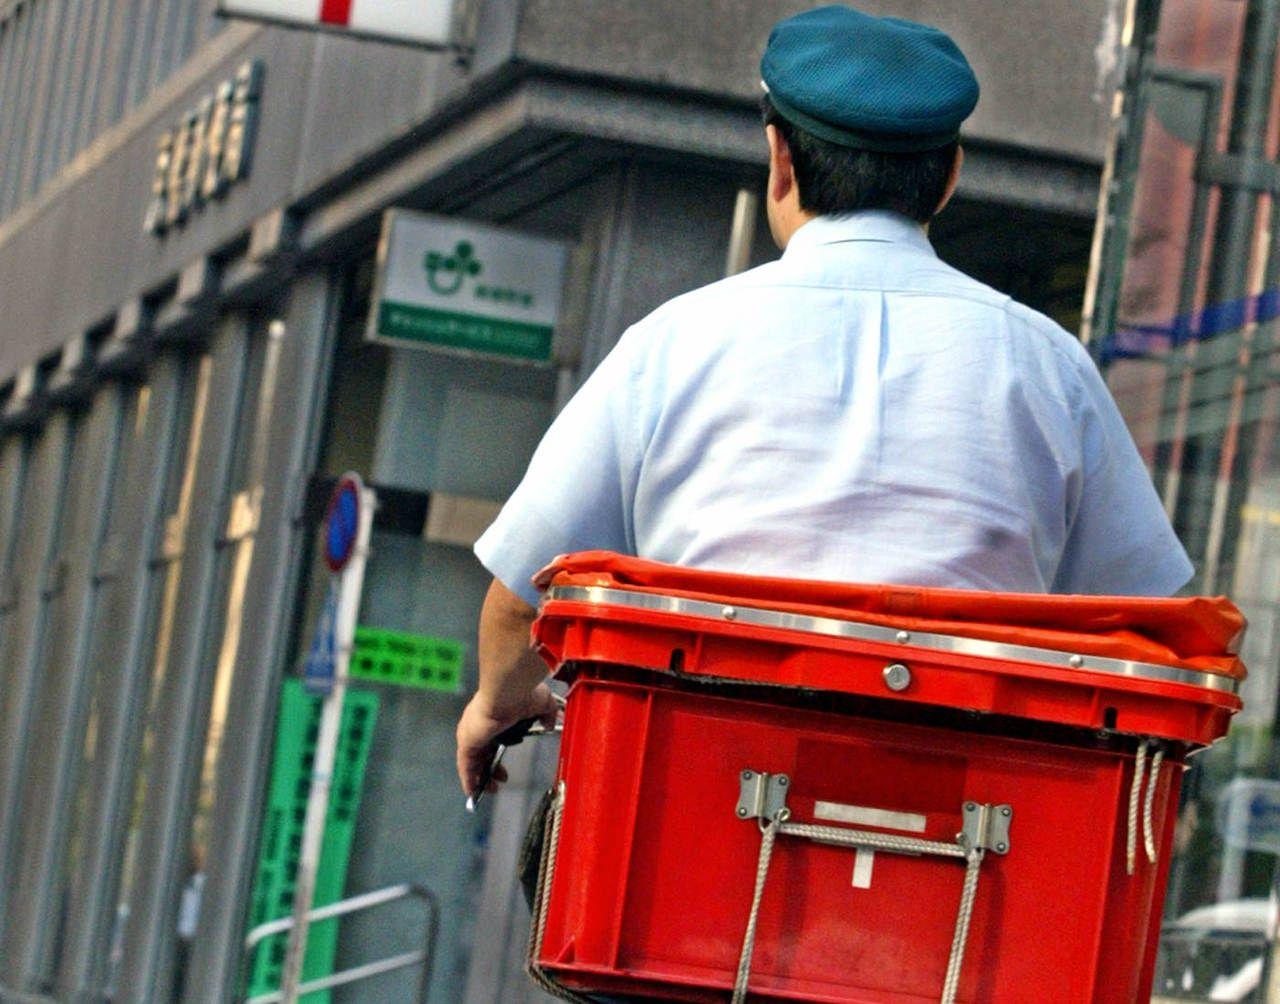 Japon : 24000 lettres retrouvées chez un postier qui trouvait «trop barbant» de les distribuer